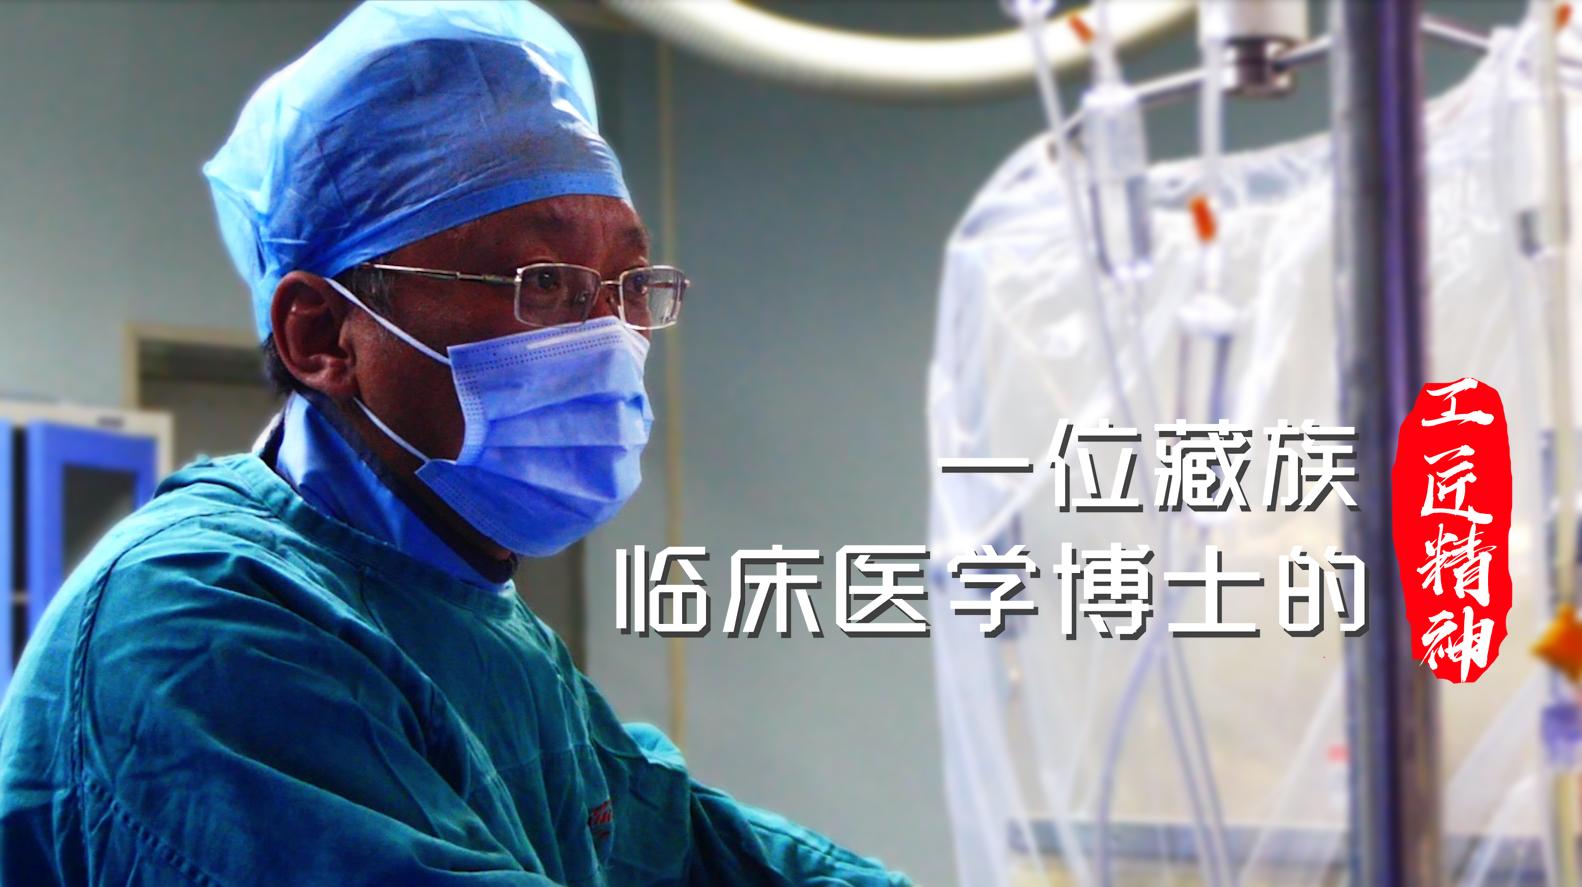 【微視頻】一位藏族臨床醫學博士的工匠精神